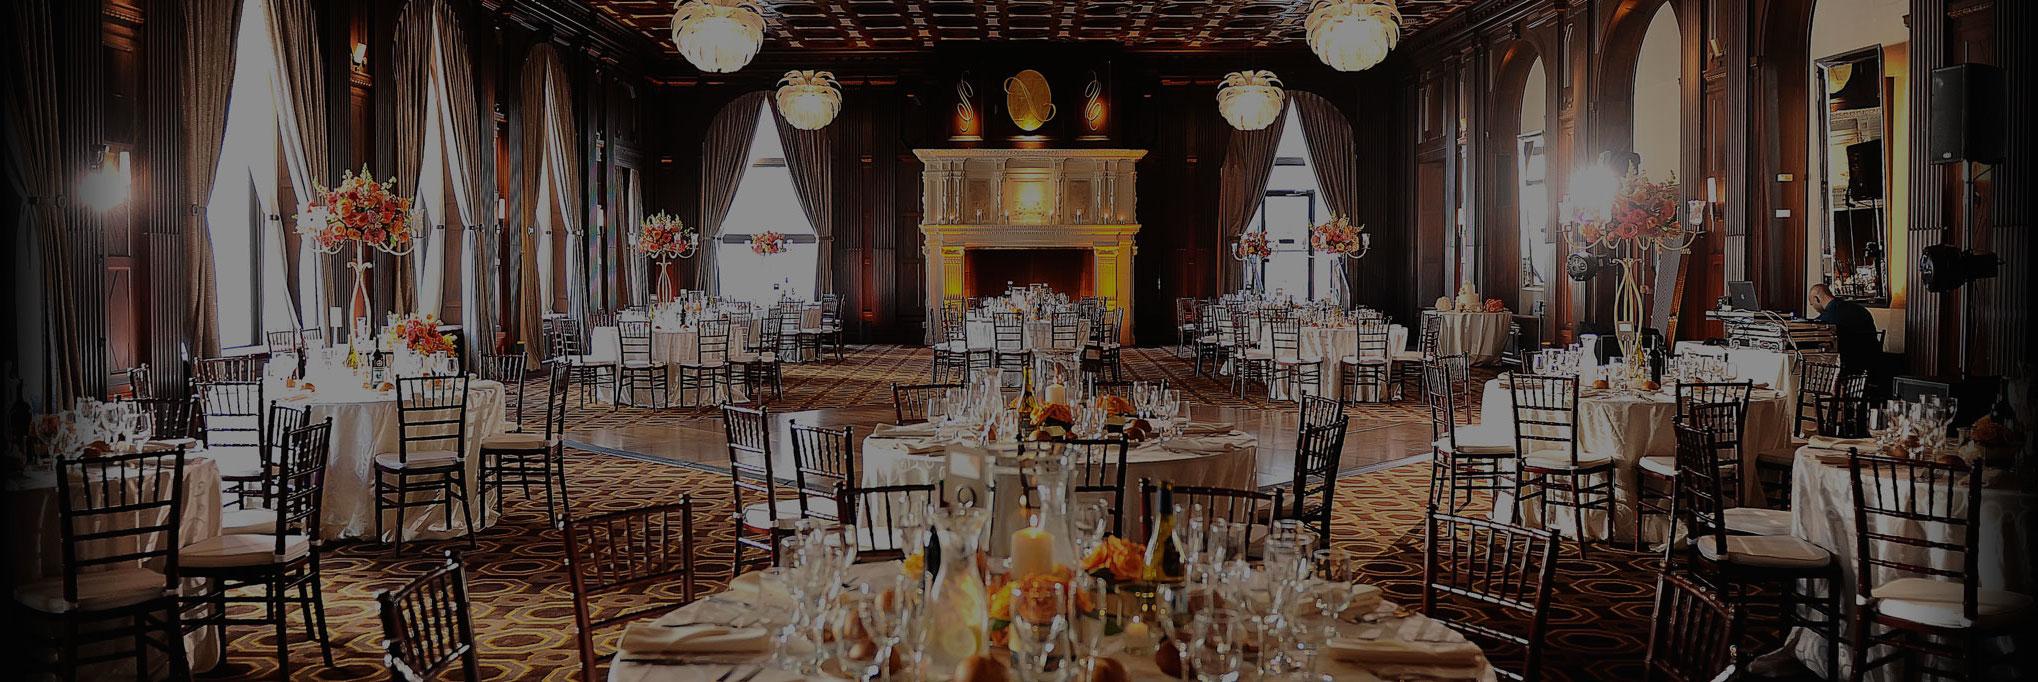 Wedding Spot: Julia Morgan Ballroom